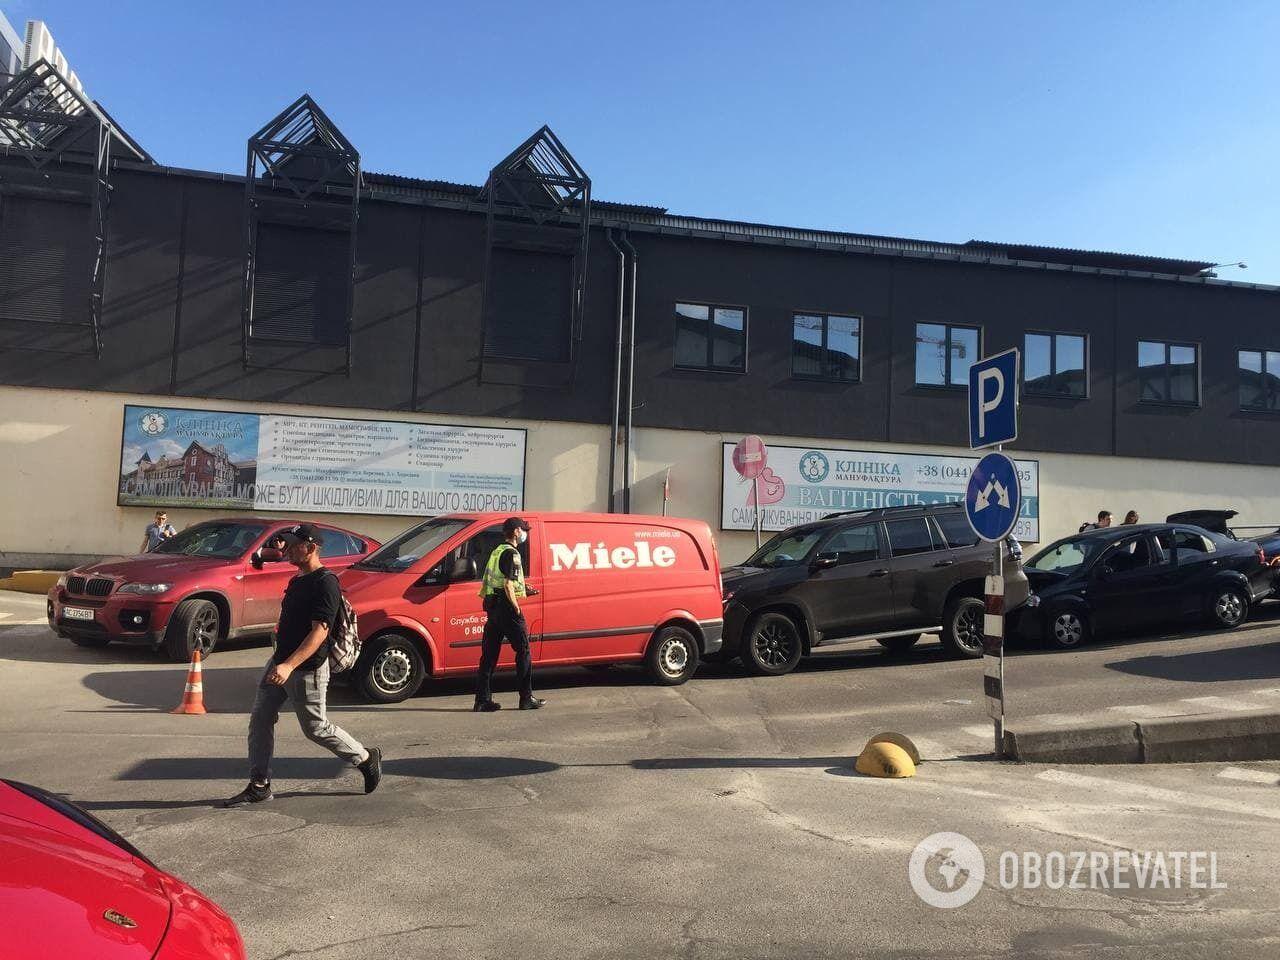 Транспортні засоби зіткнулися на парковці